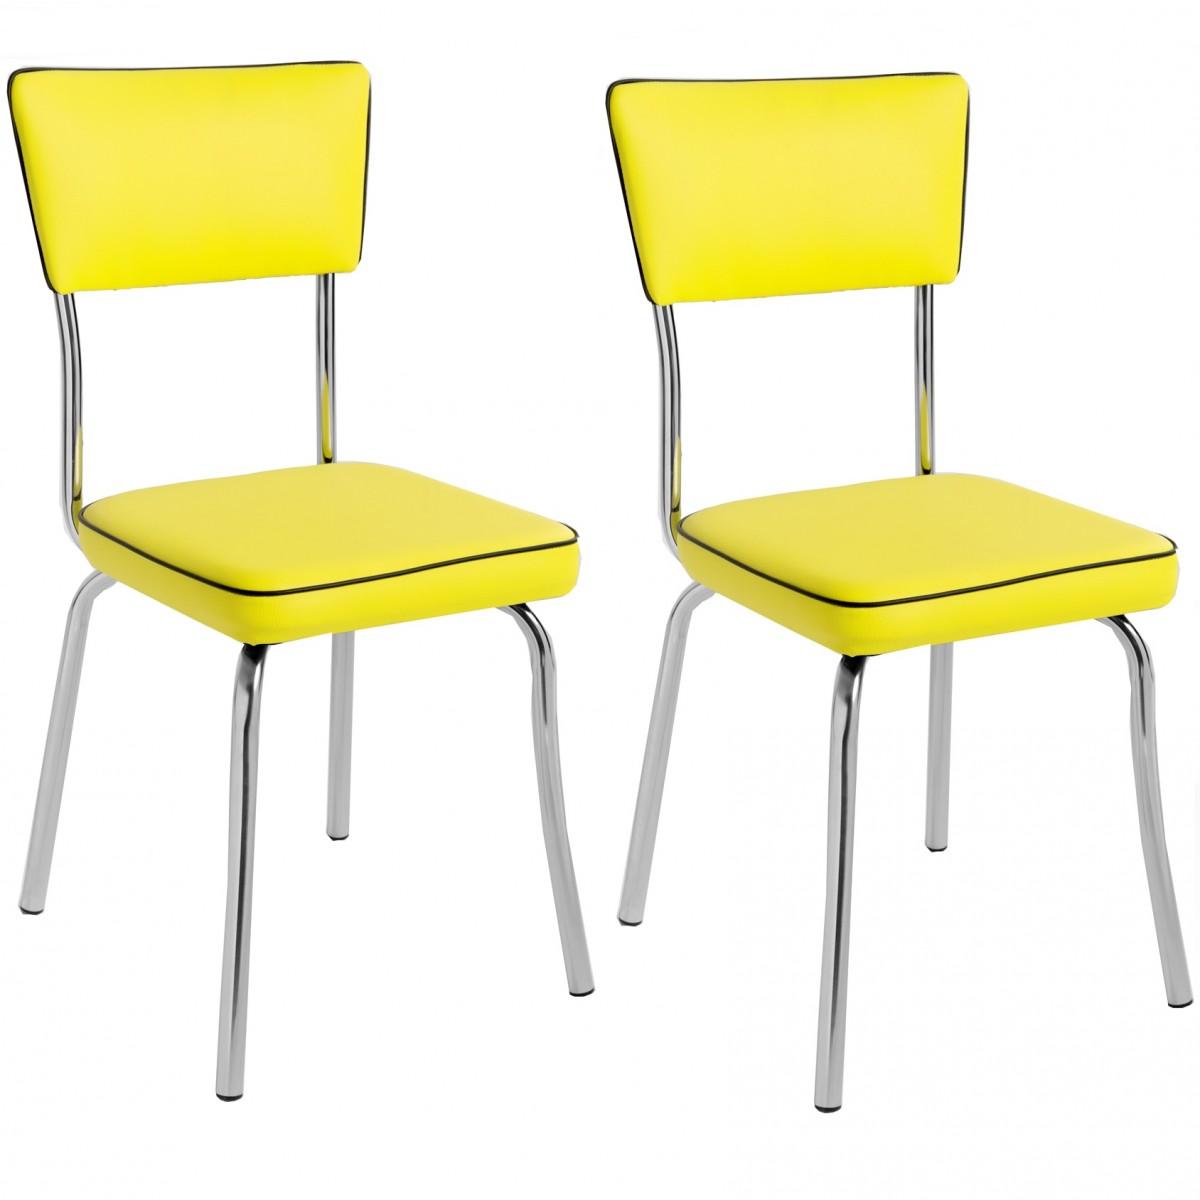 Compre Kit 2 P S Cadeira Retr Cromada Cp2030 Plus Pozza Vinil  -> Imagens De Uma Cadeira